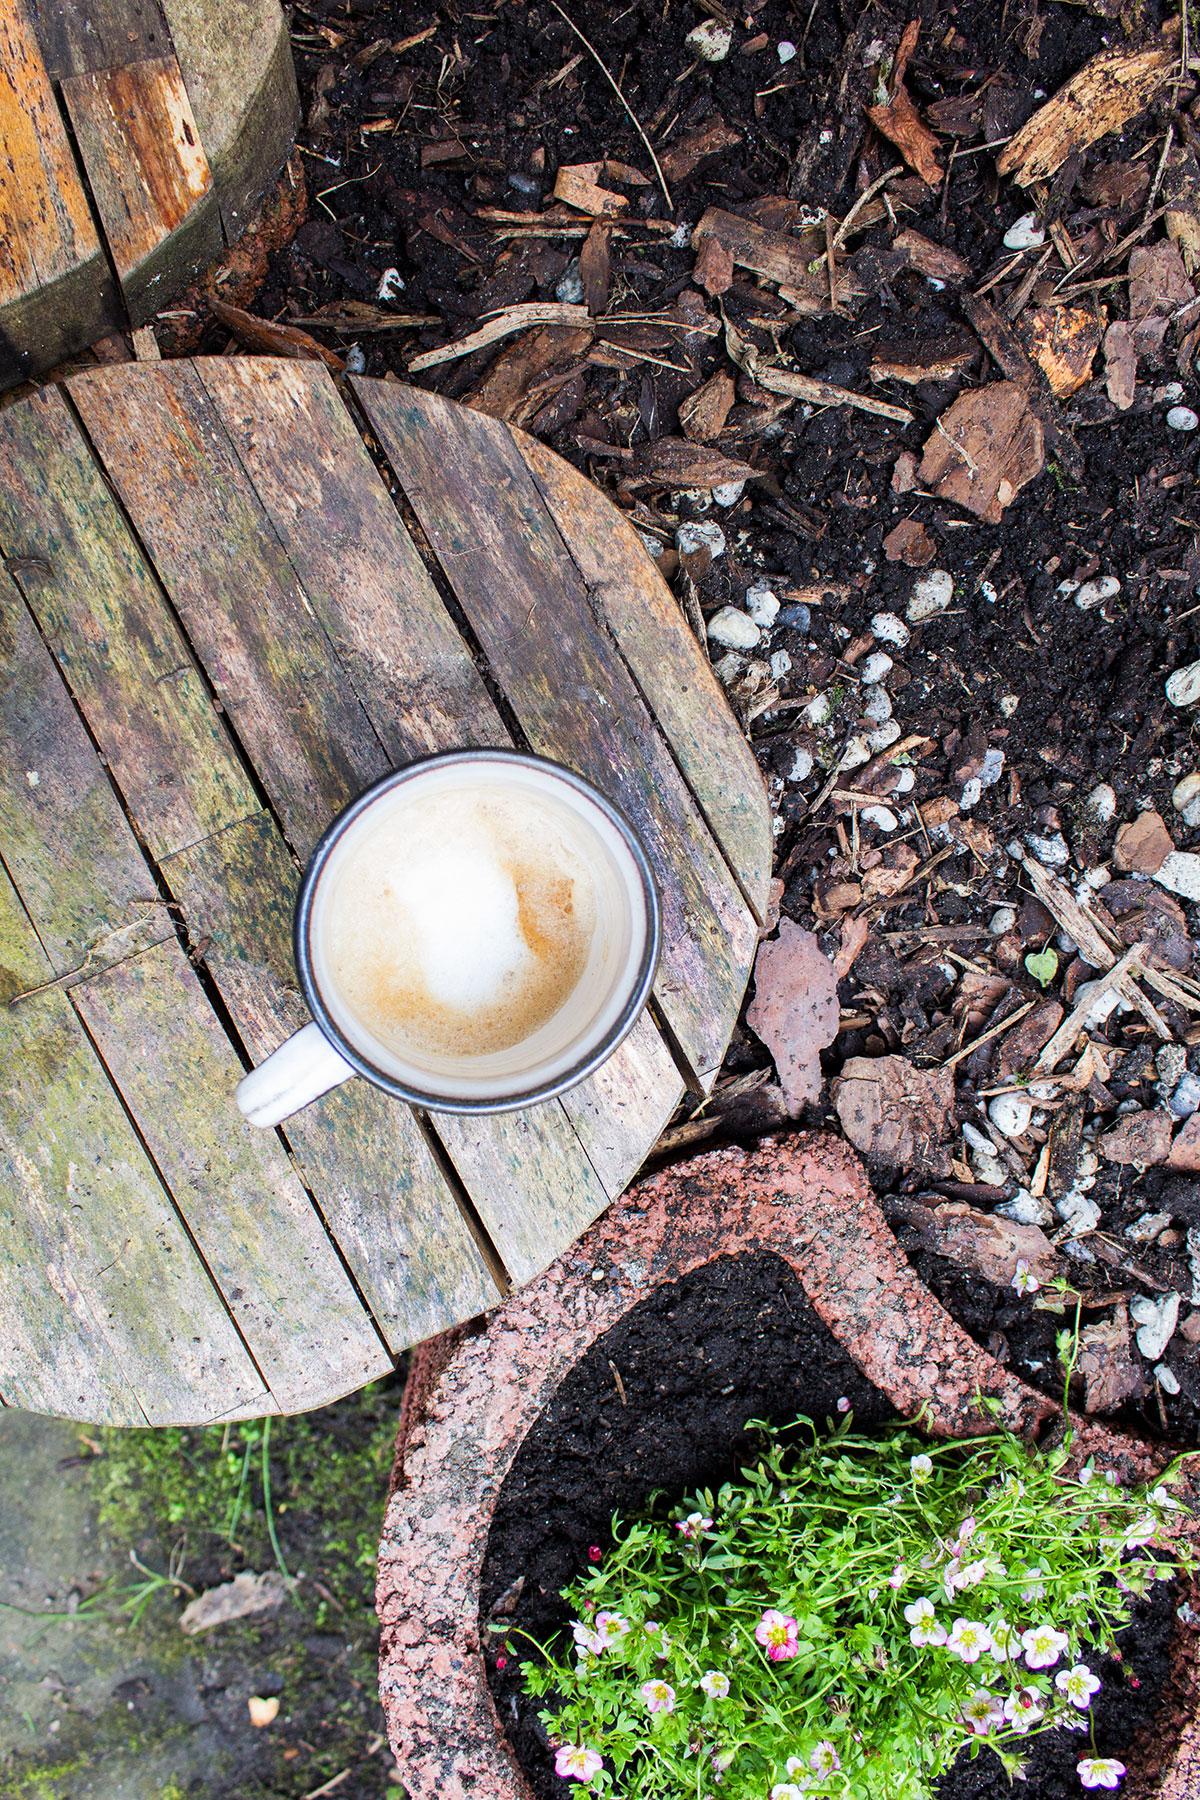 Hölzerne Bank mit Kaffetasse darauf in einem Garten